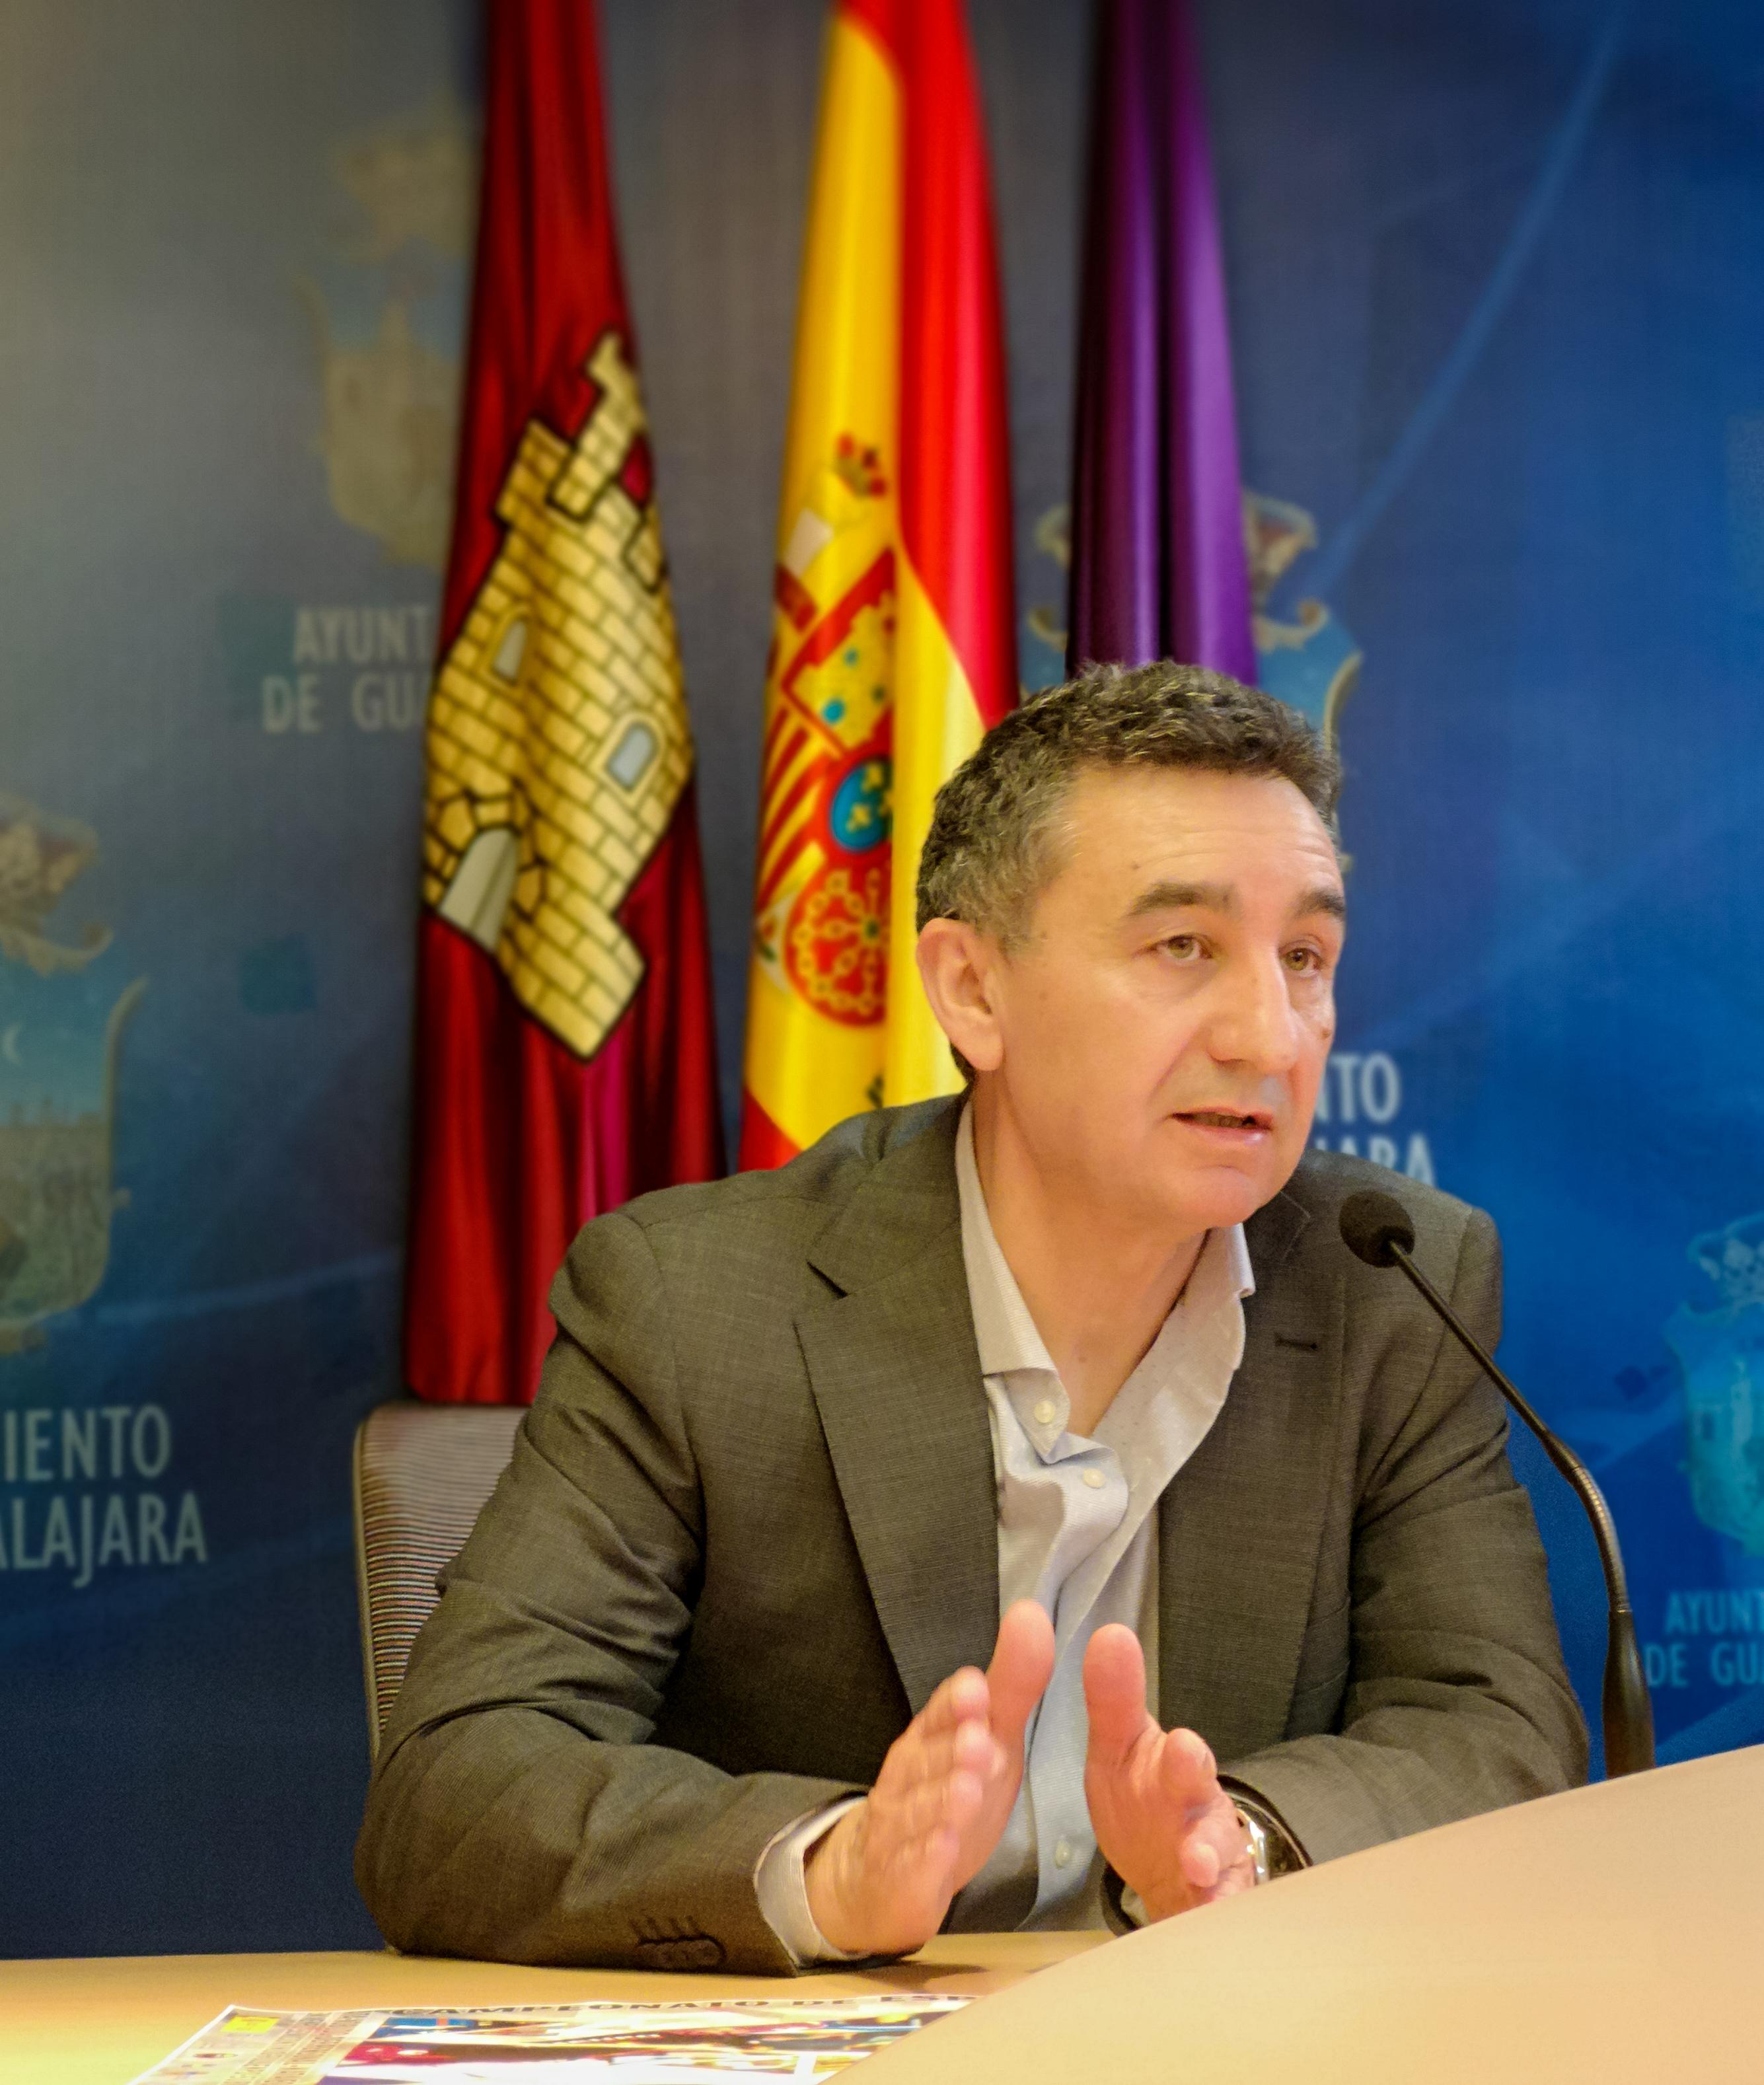 D. JOSÉ MARIA MÉNDEZ LÓPEZ